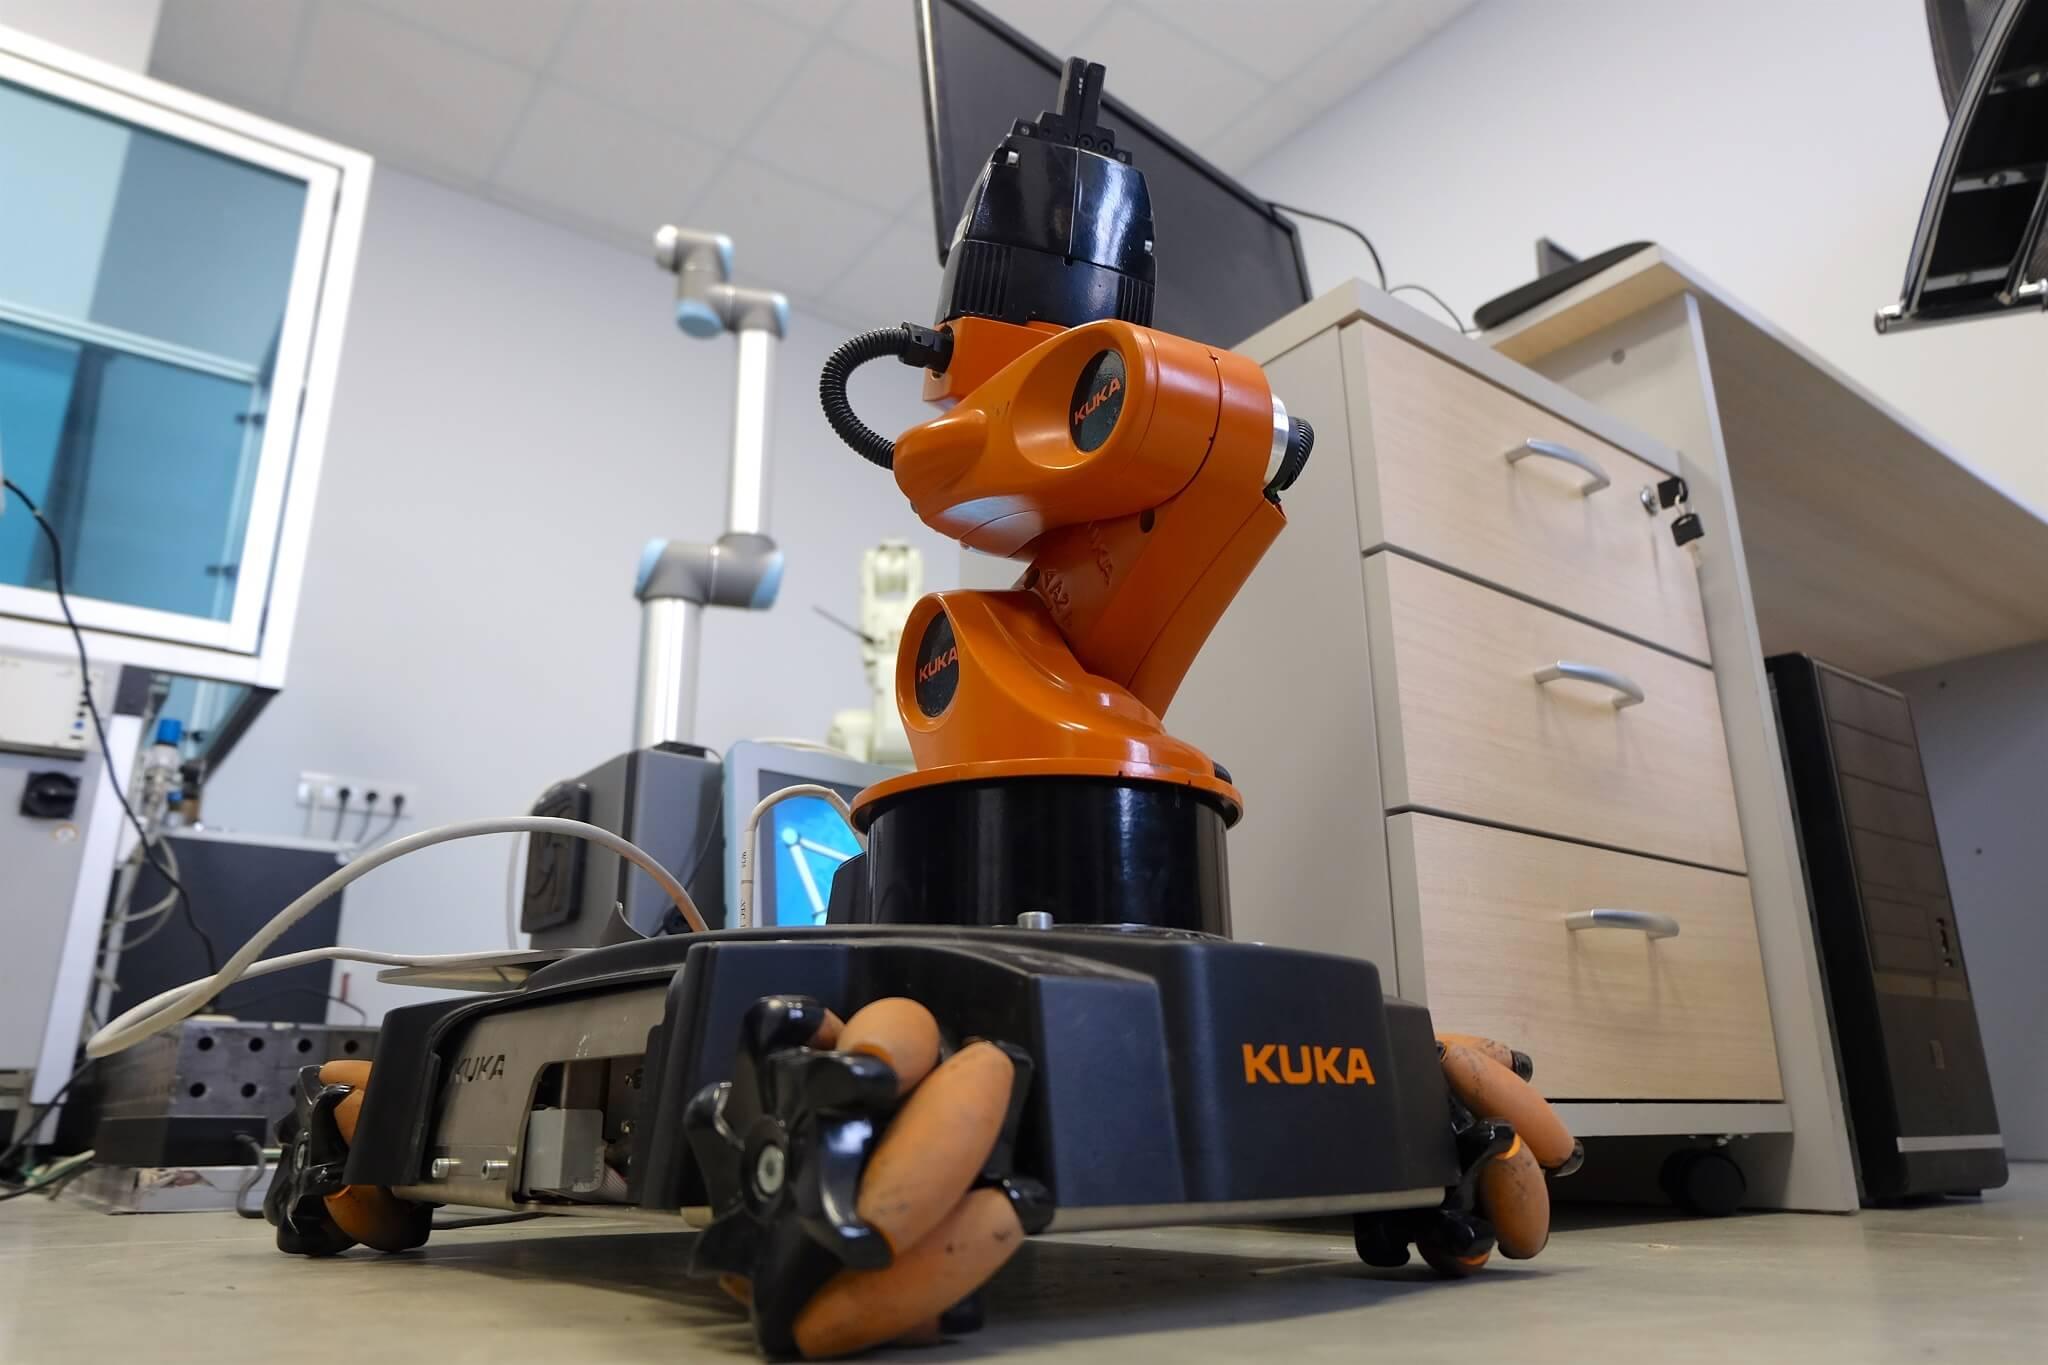 Механизированные руки и манипуляторы — рассказываем, чем занимается лаборатория робототехники Университета ИТМО - 4